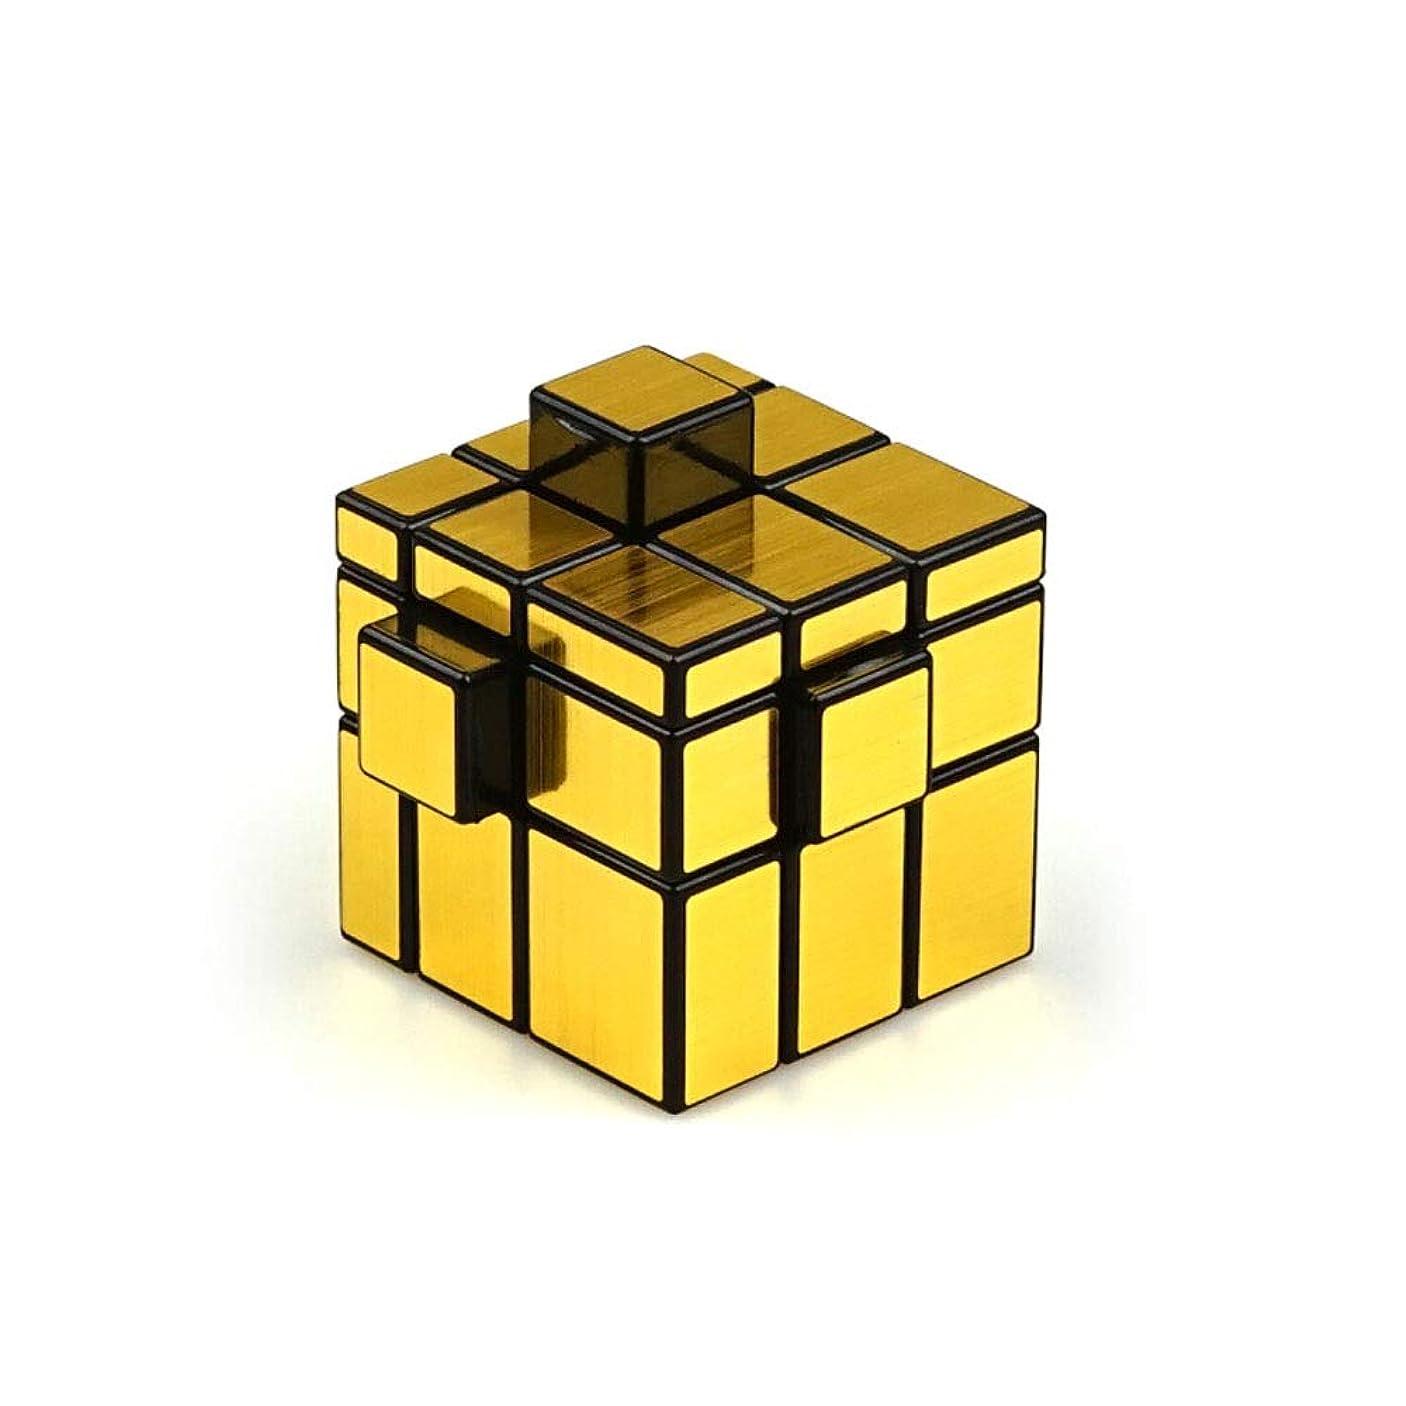 神買い物に行く極めて重要なルービックキューブ、創造的な滑らかな立方体、品質の高いデザイン、ギフトとして使用可能(ゴールド/シルバー) (Color : Gold)